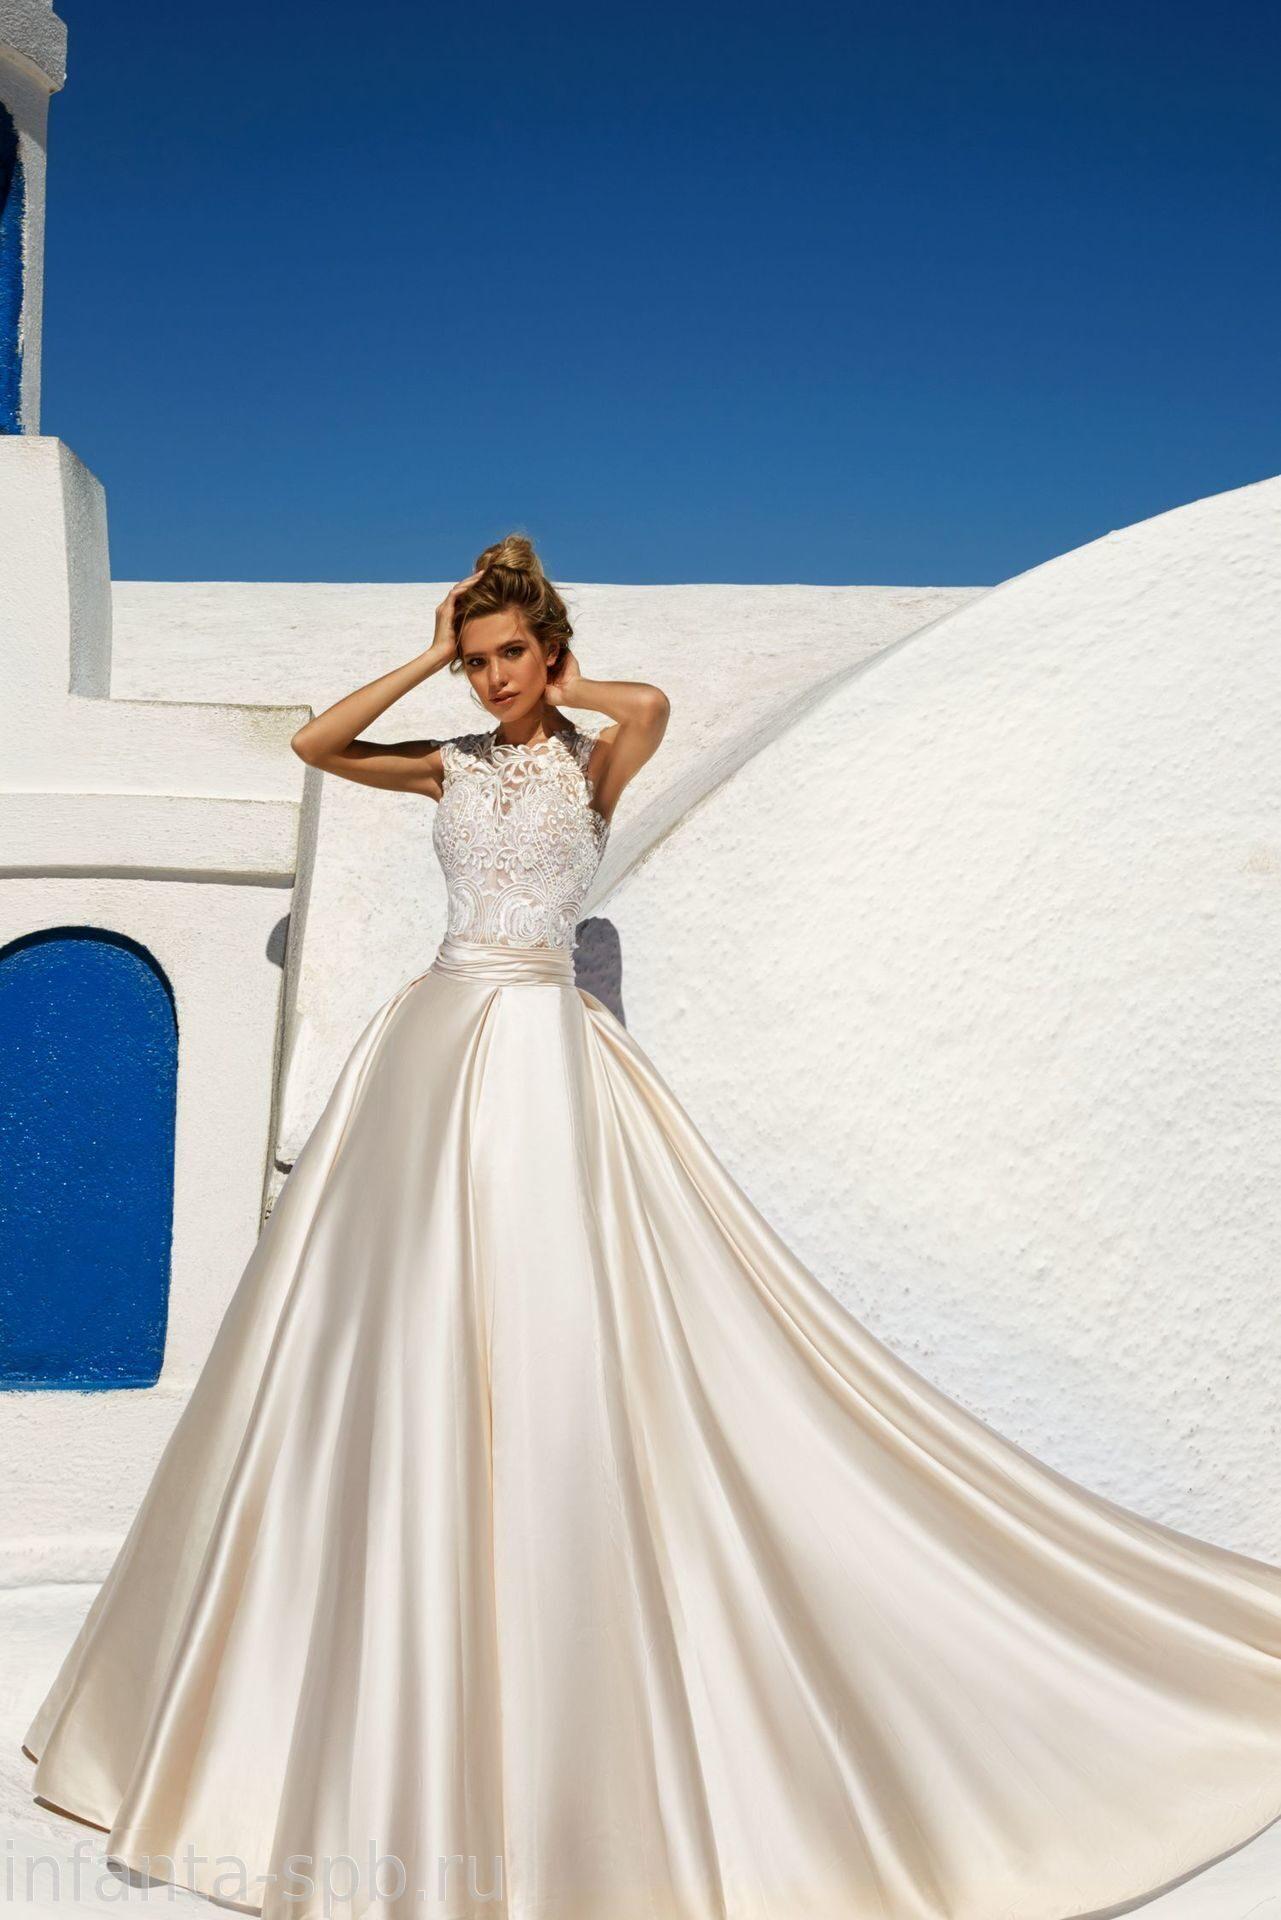 00e1541e374 Свадебное платье расшитое кружевом с отслегивающейся юбкой